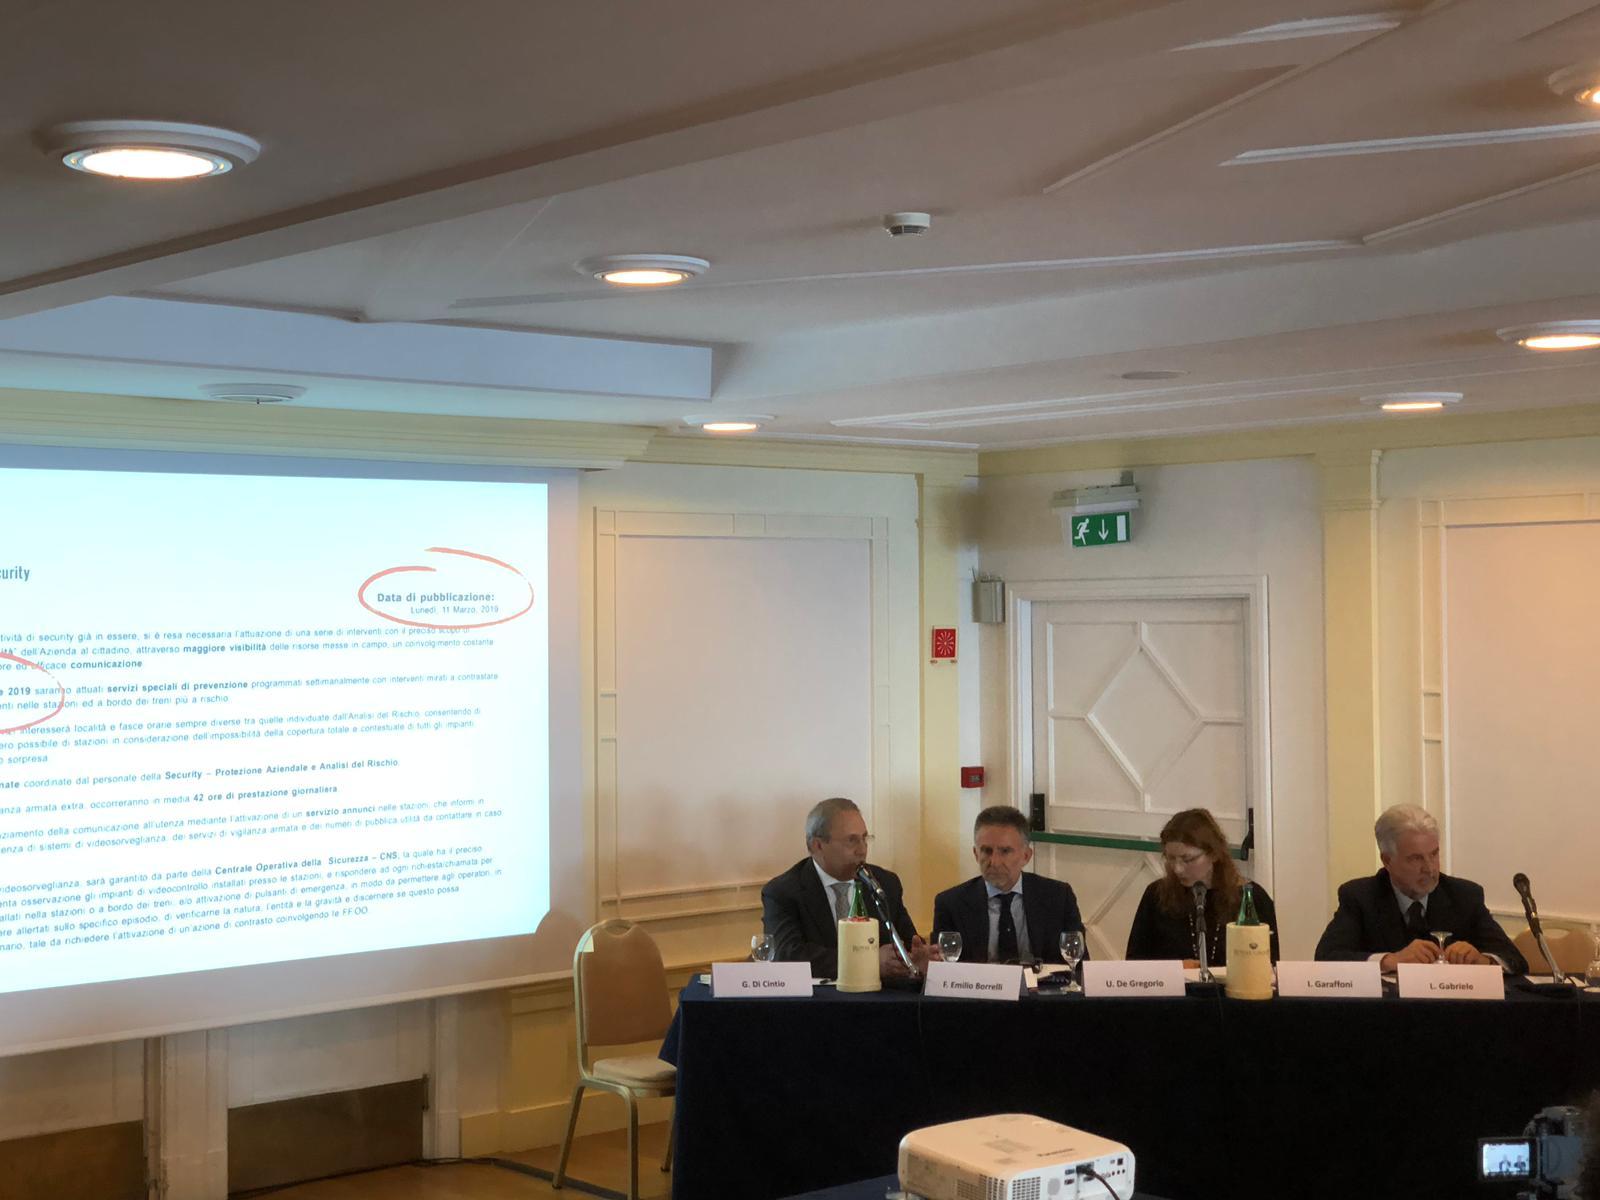 (Italiano) Come evolve il mondo degli istituti di Vigilanza nel Sud Italia?